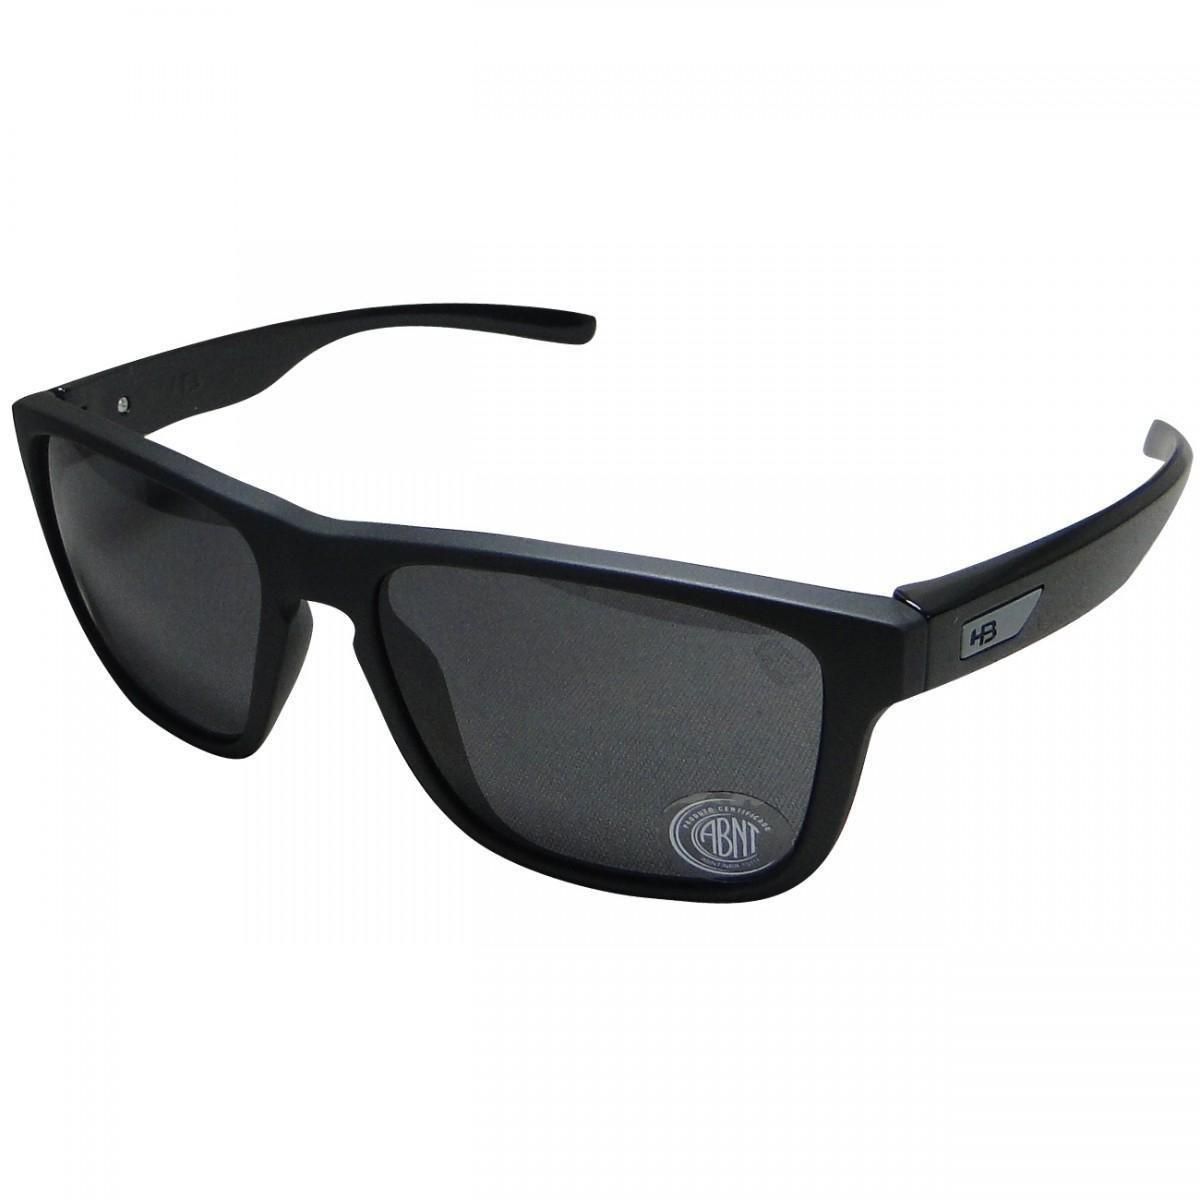 Oculos HB H-Bomb Fosco - Compre Agora   Netshoes e85a067f5f